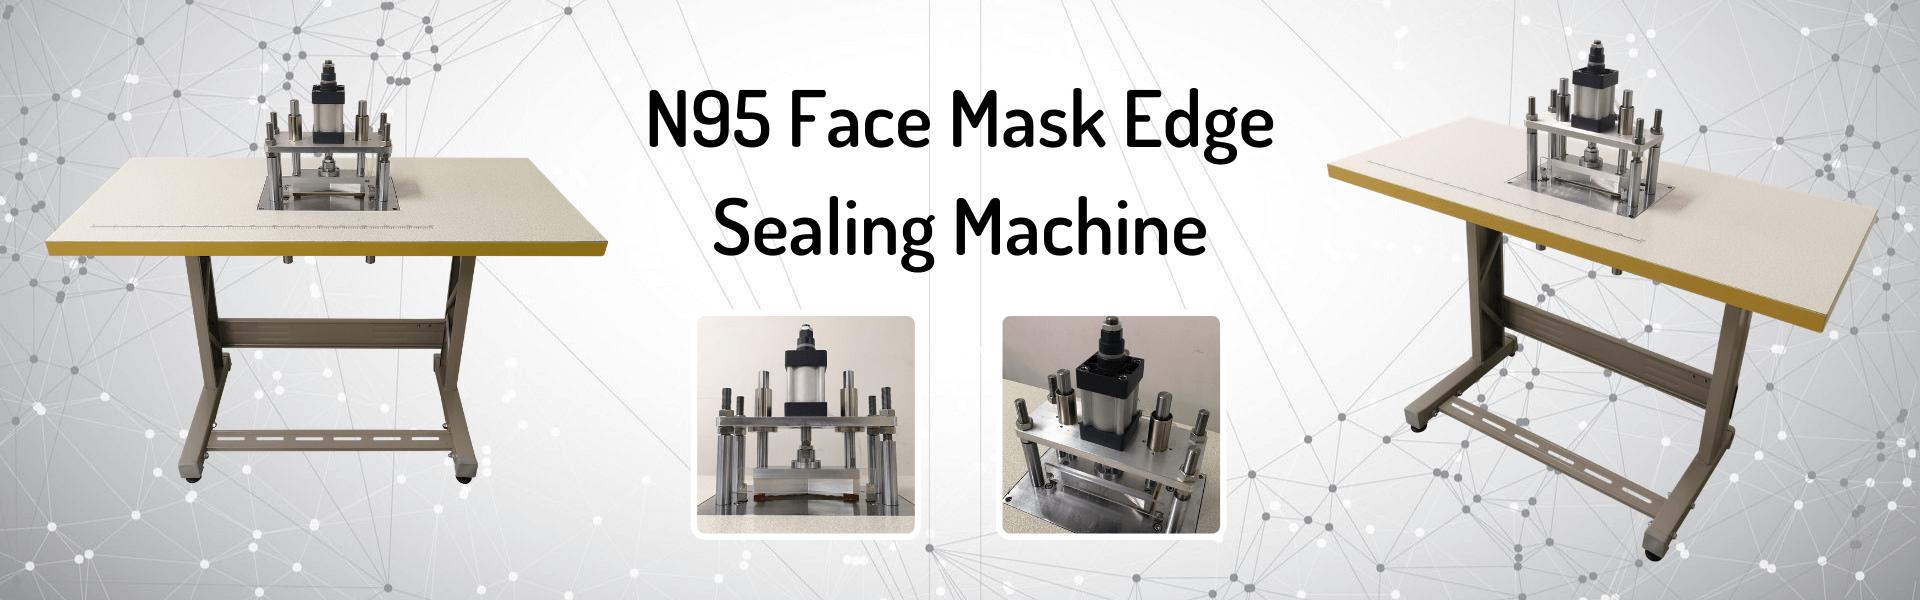 N95 face mask edge sealing machine